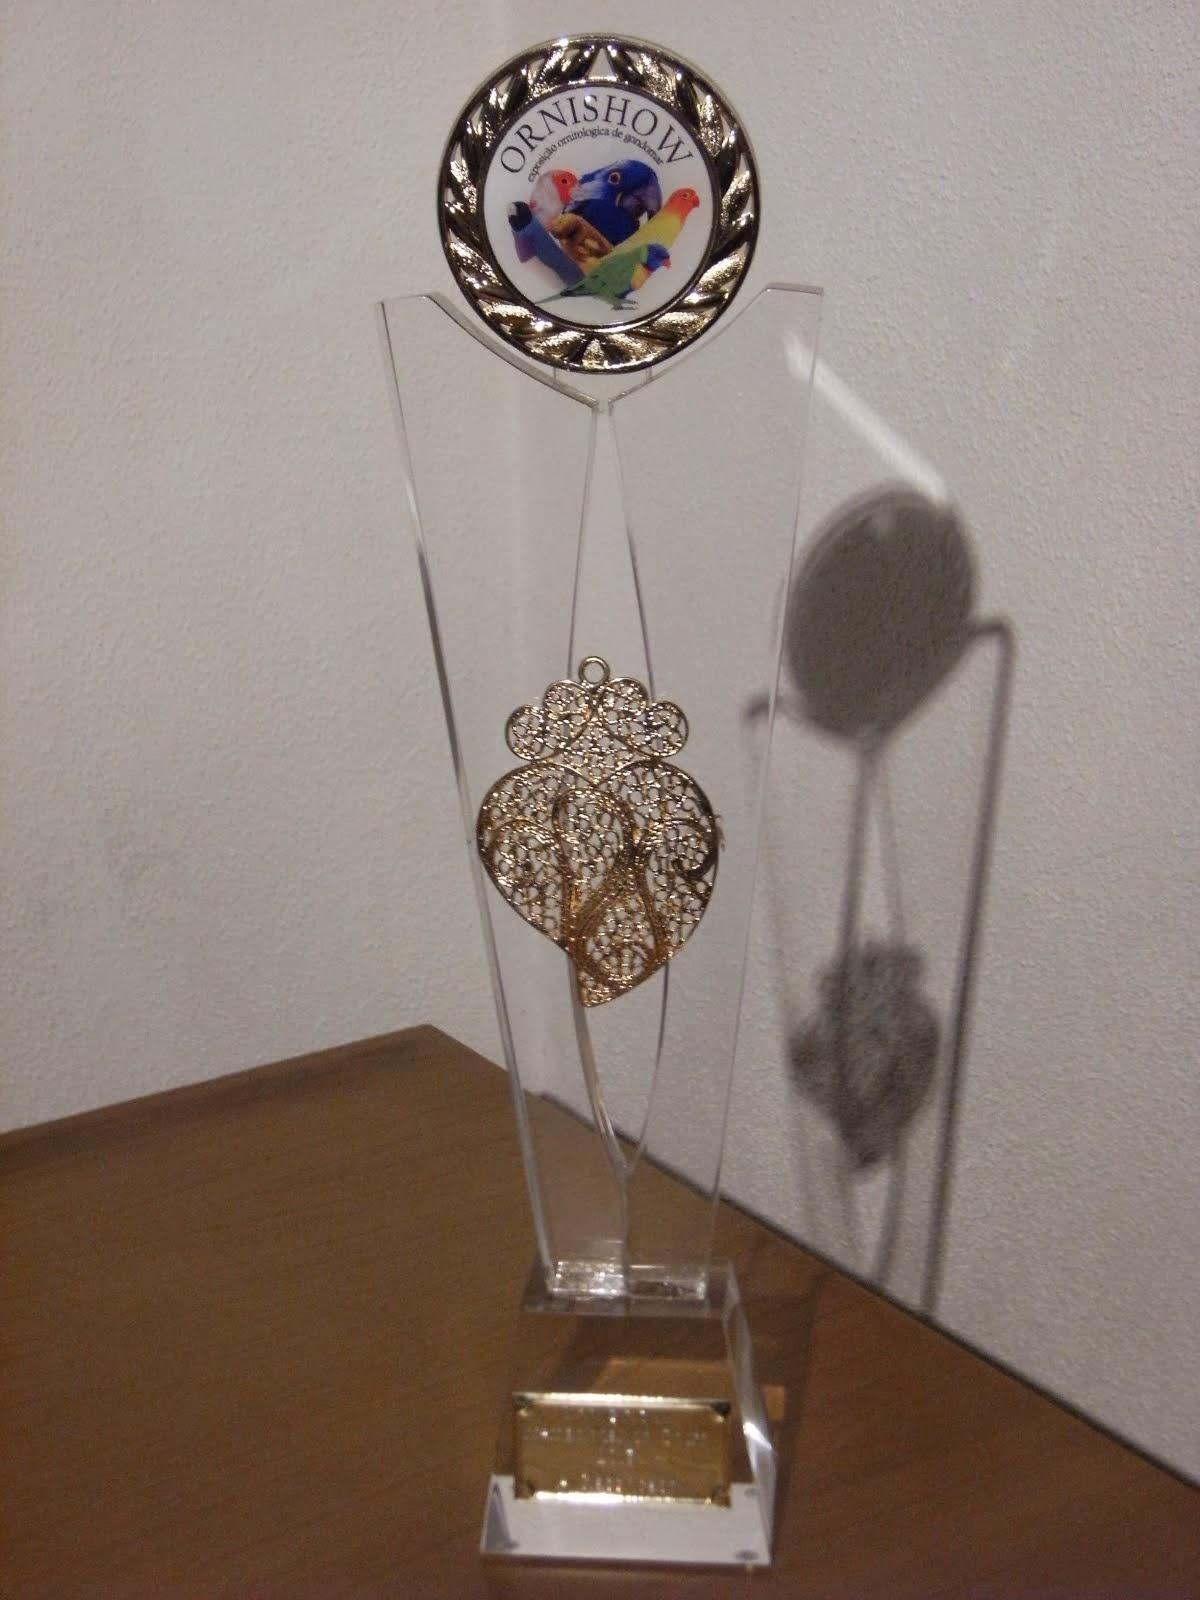 ORNISHOW 2013 ( 2 Ouro 1 Bronze )